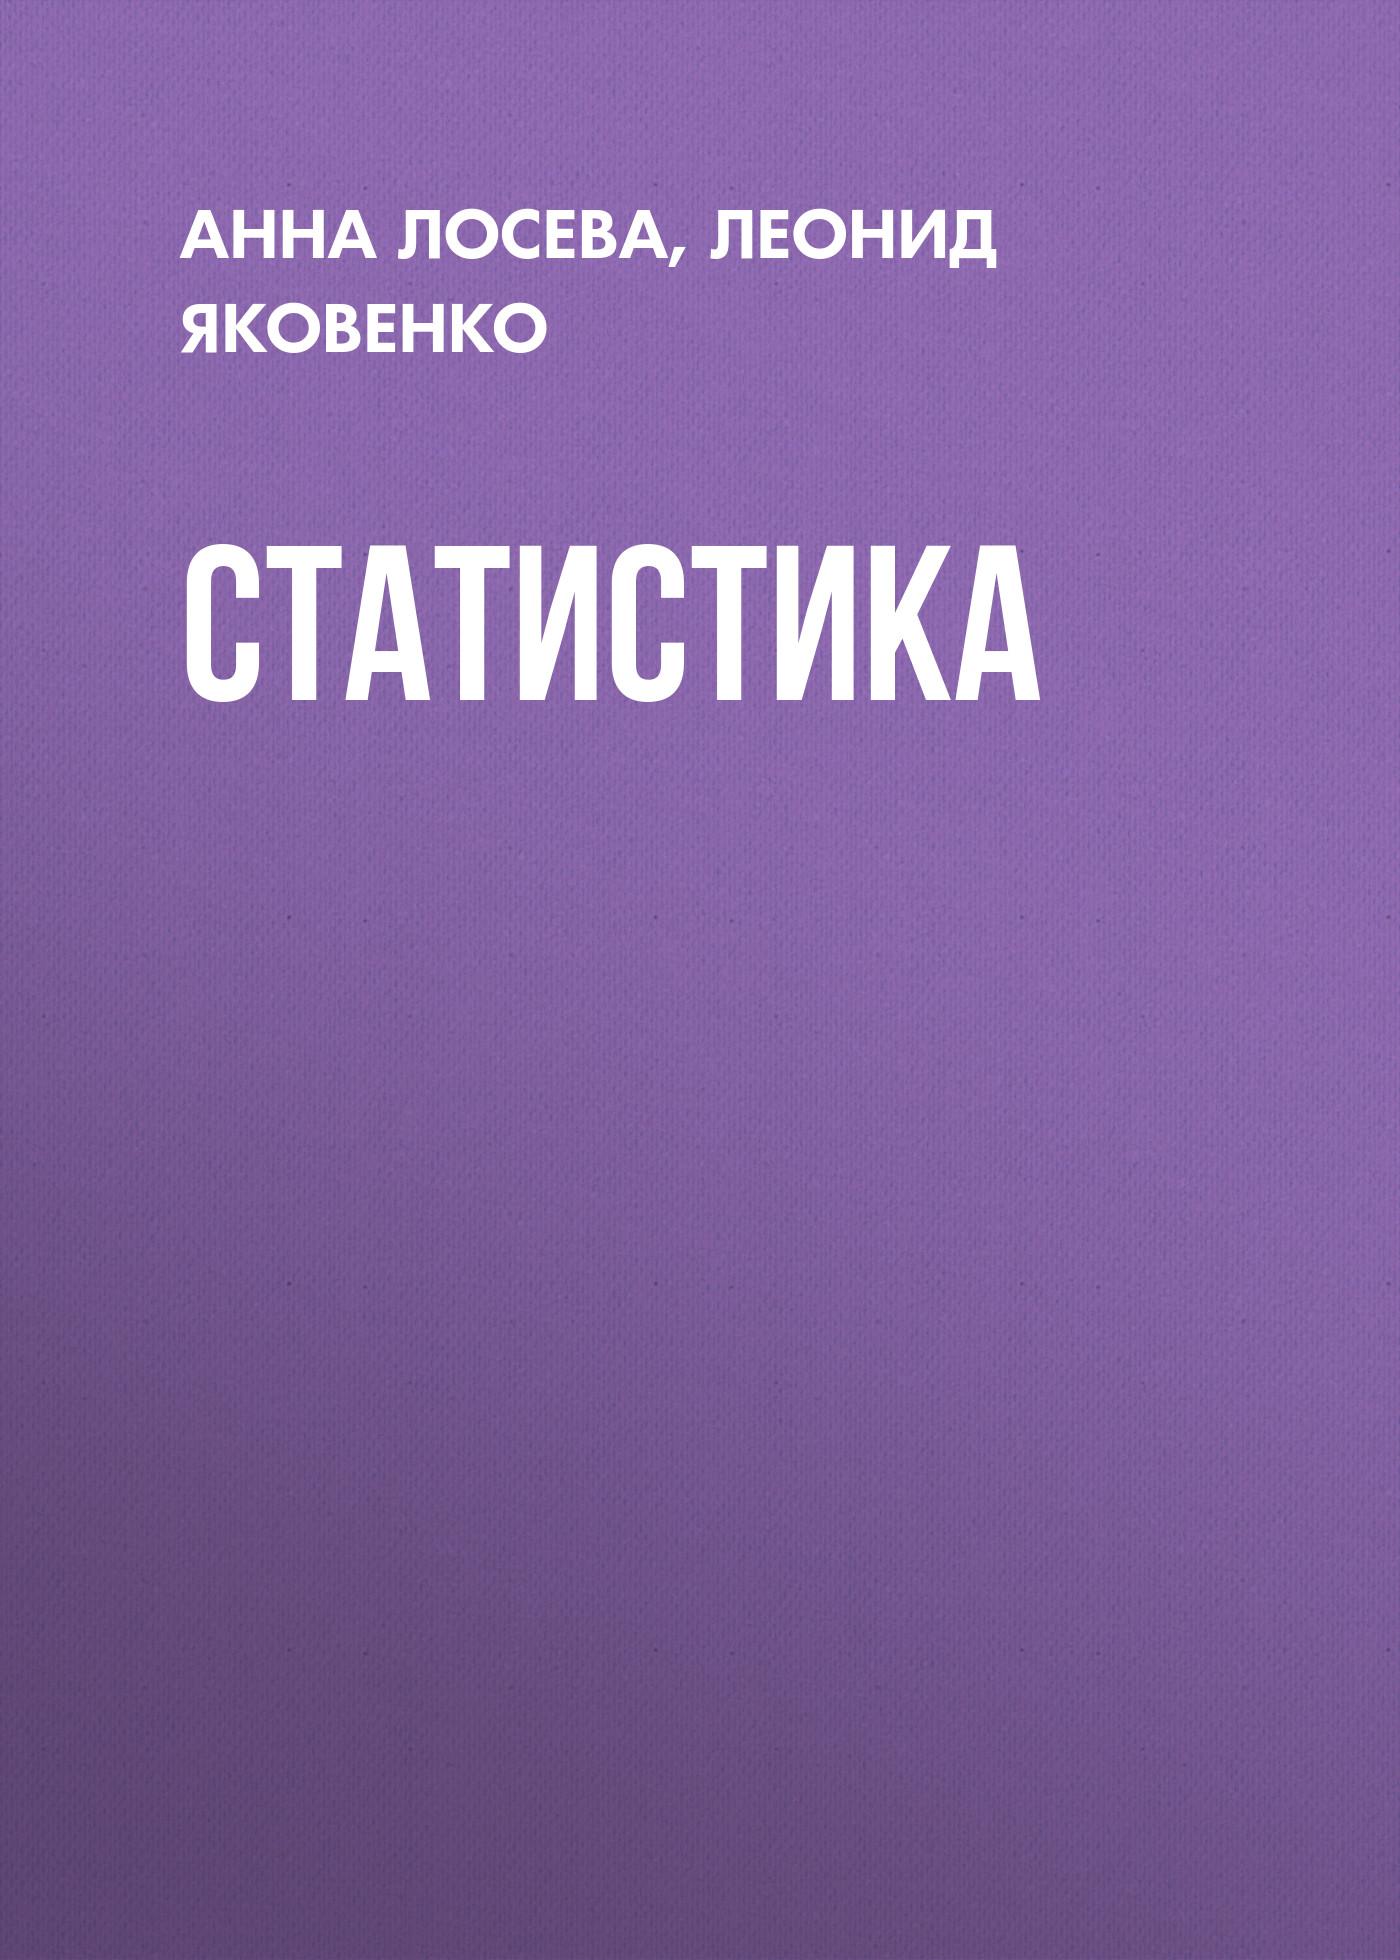 Леонид Яковенко Статистика евсеев в о деловые игры по формированию экономических компетенций учебное пособие cd rom